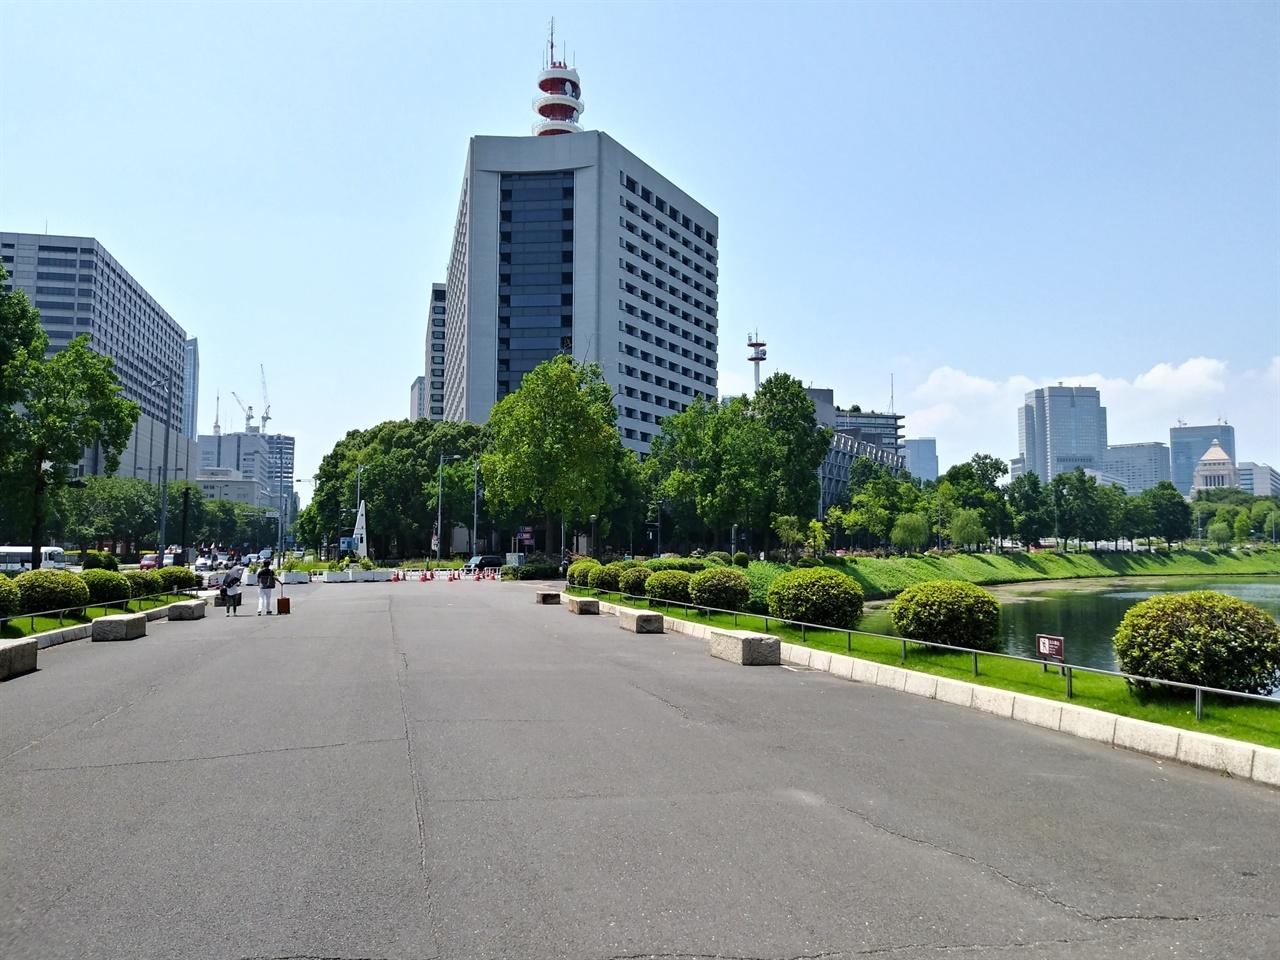 사쿠라다몬에서 건네다 본 도쿄 도심 전경 사진 앞 아스팔트가 해자 위에 놓인 다리로, 한인애국단원 이봉창 의사가 쇼와 일왕을 위해 폭탄을 투척한 현장이다. 가운데 건물은 일본 경시청이고, 오른편 고풍스러운 건물이 일본 국회의사당이다. 순간, 경시청 앞으로 전범기를 내건 '혐한 시위대'가 요란하게 지나갔는데, 사진 왼쪽에 담겼다.